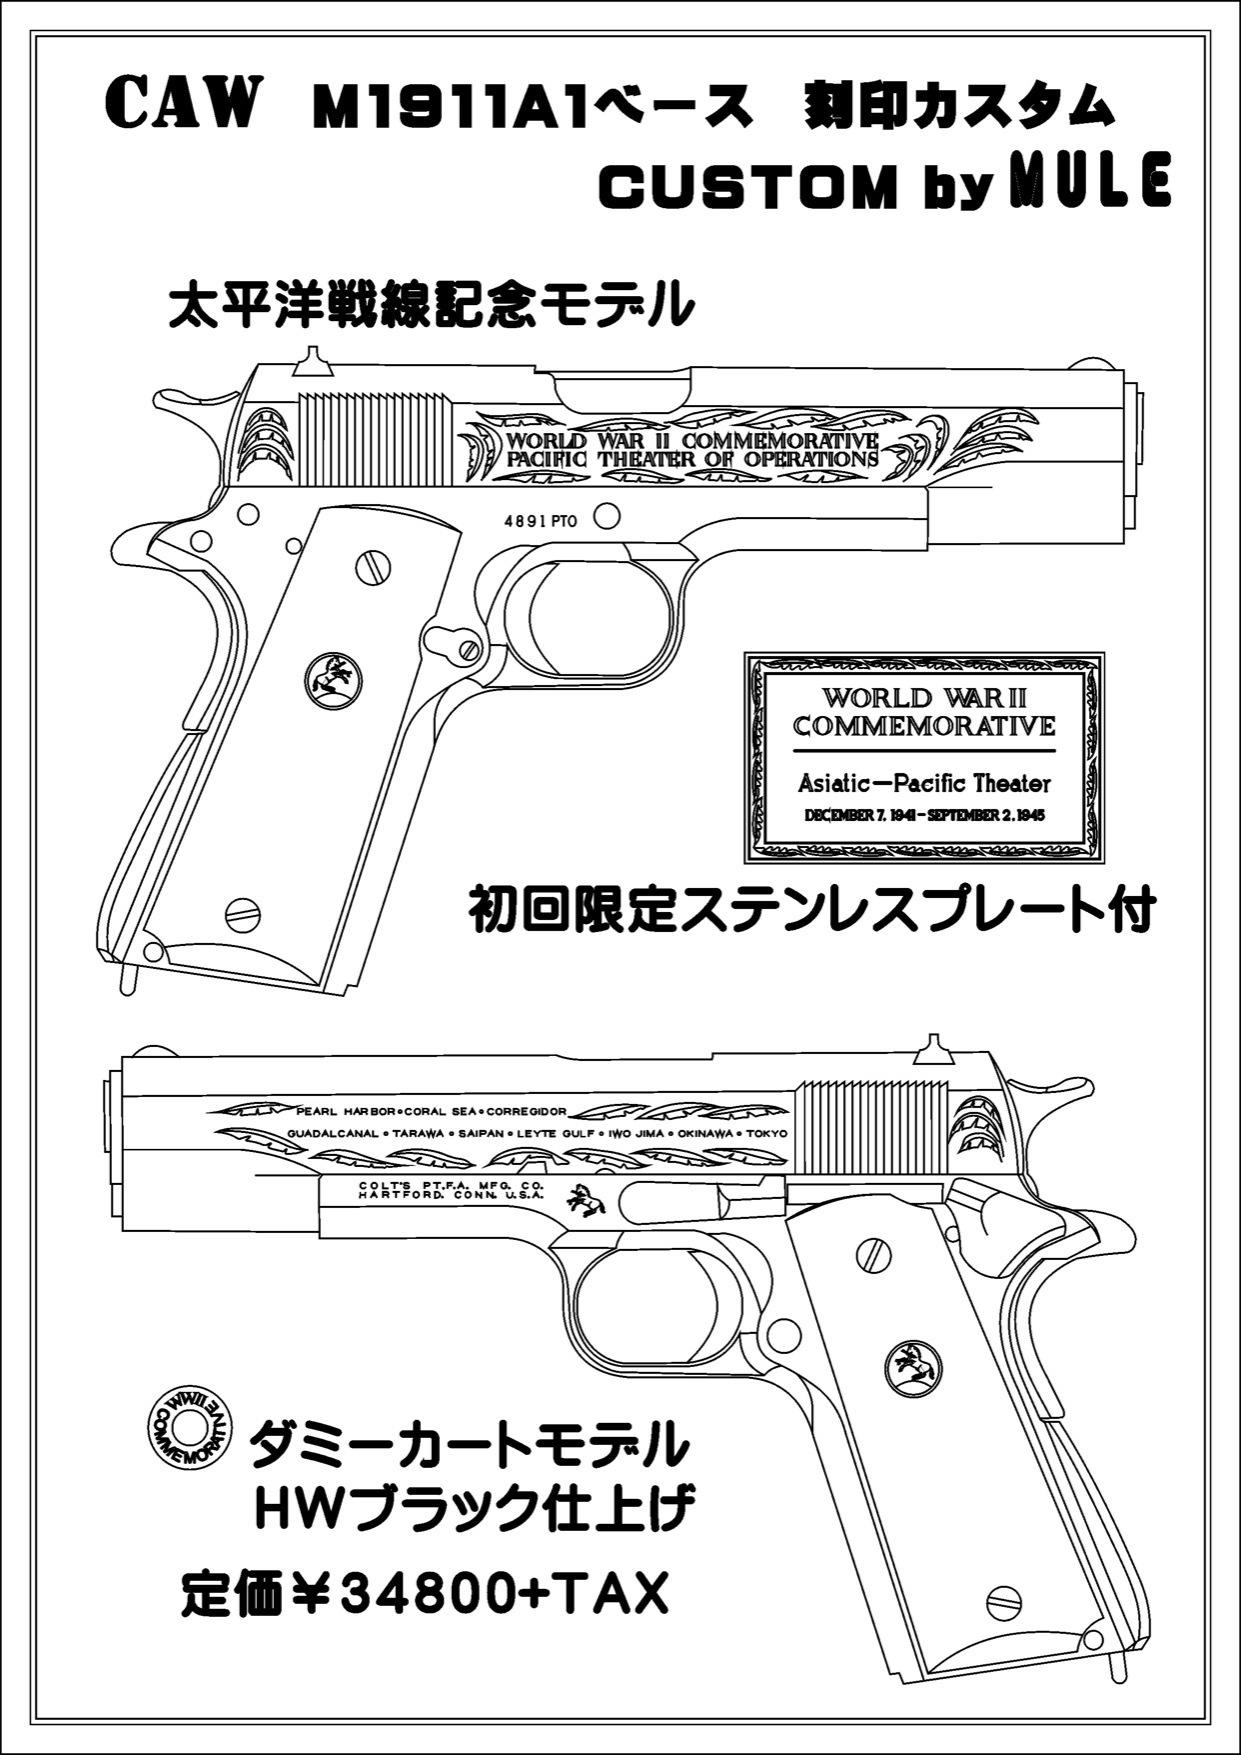 MULEカスタム CAW M1911A1刻印カスタム ヨーロッパ戦線記念モデル/太平洋戦線記念モデル_f0131995_21034032.jpg